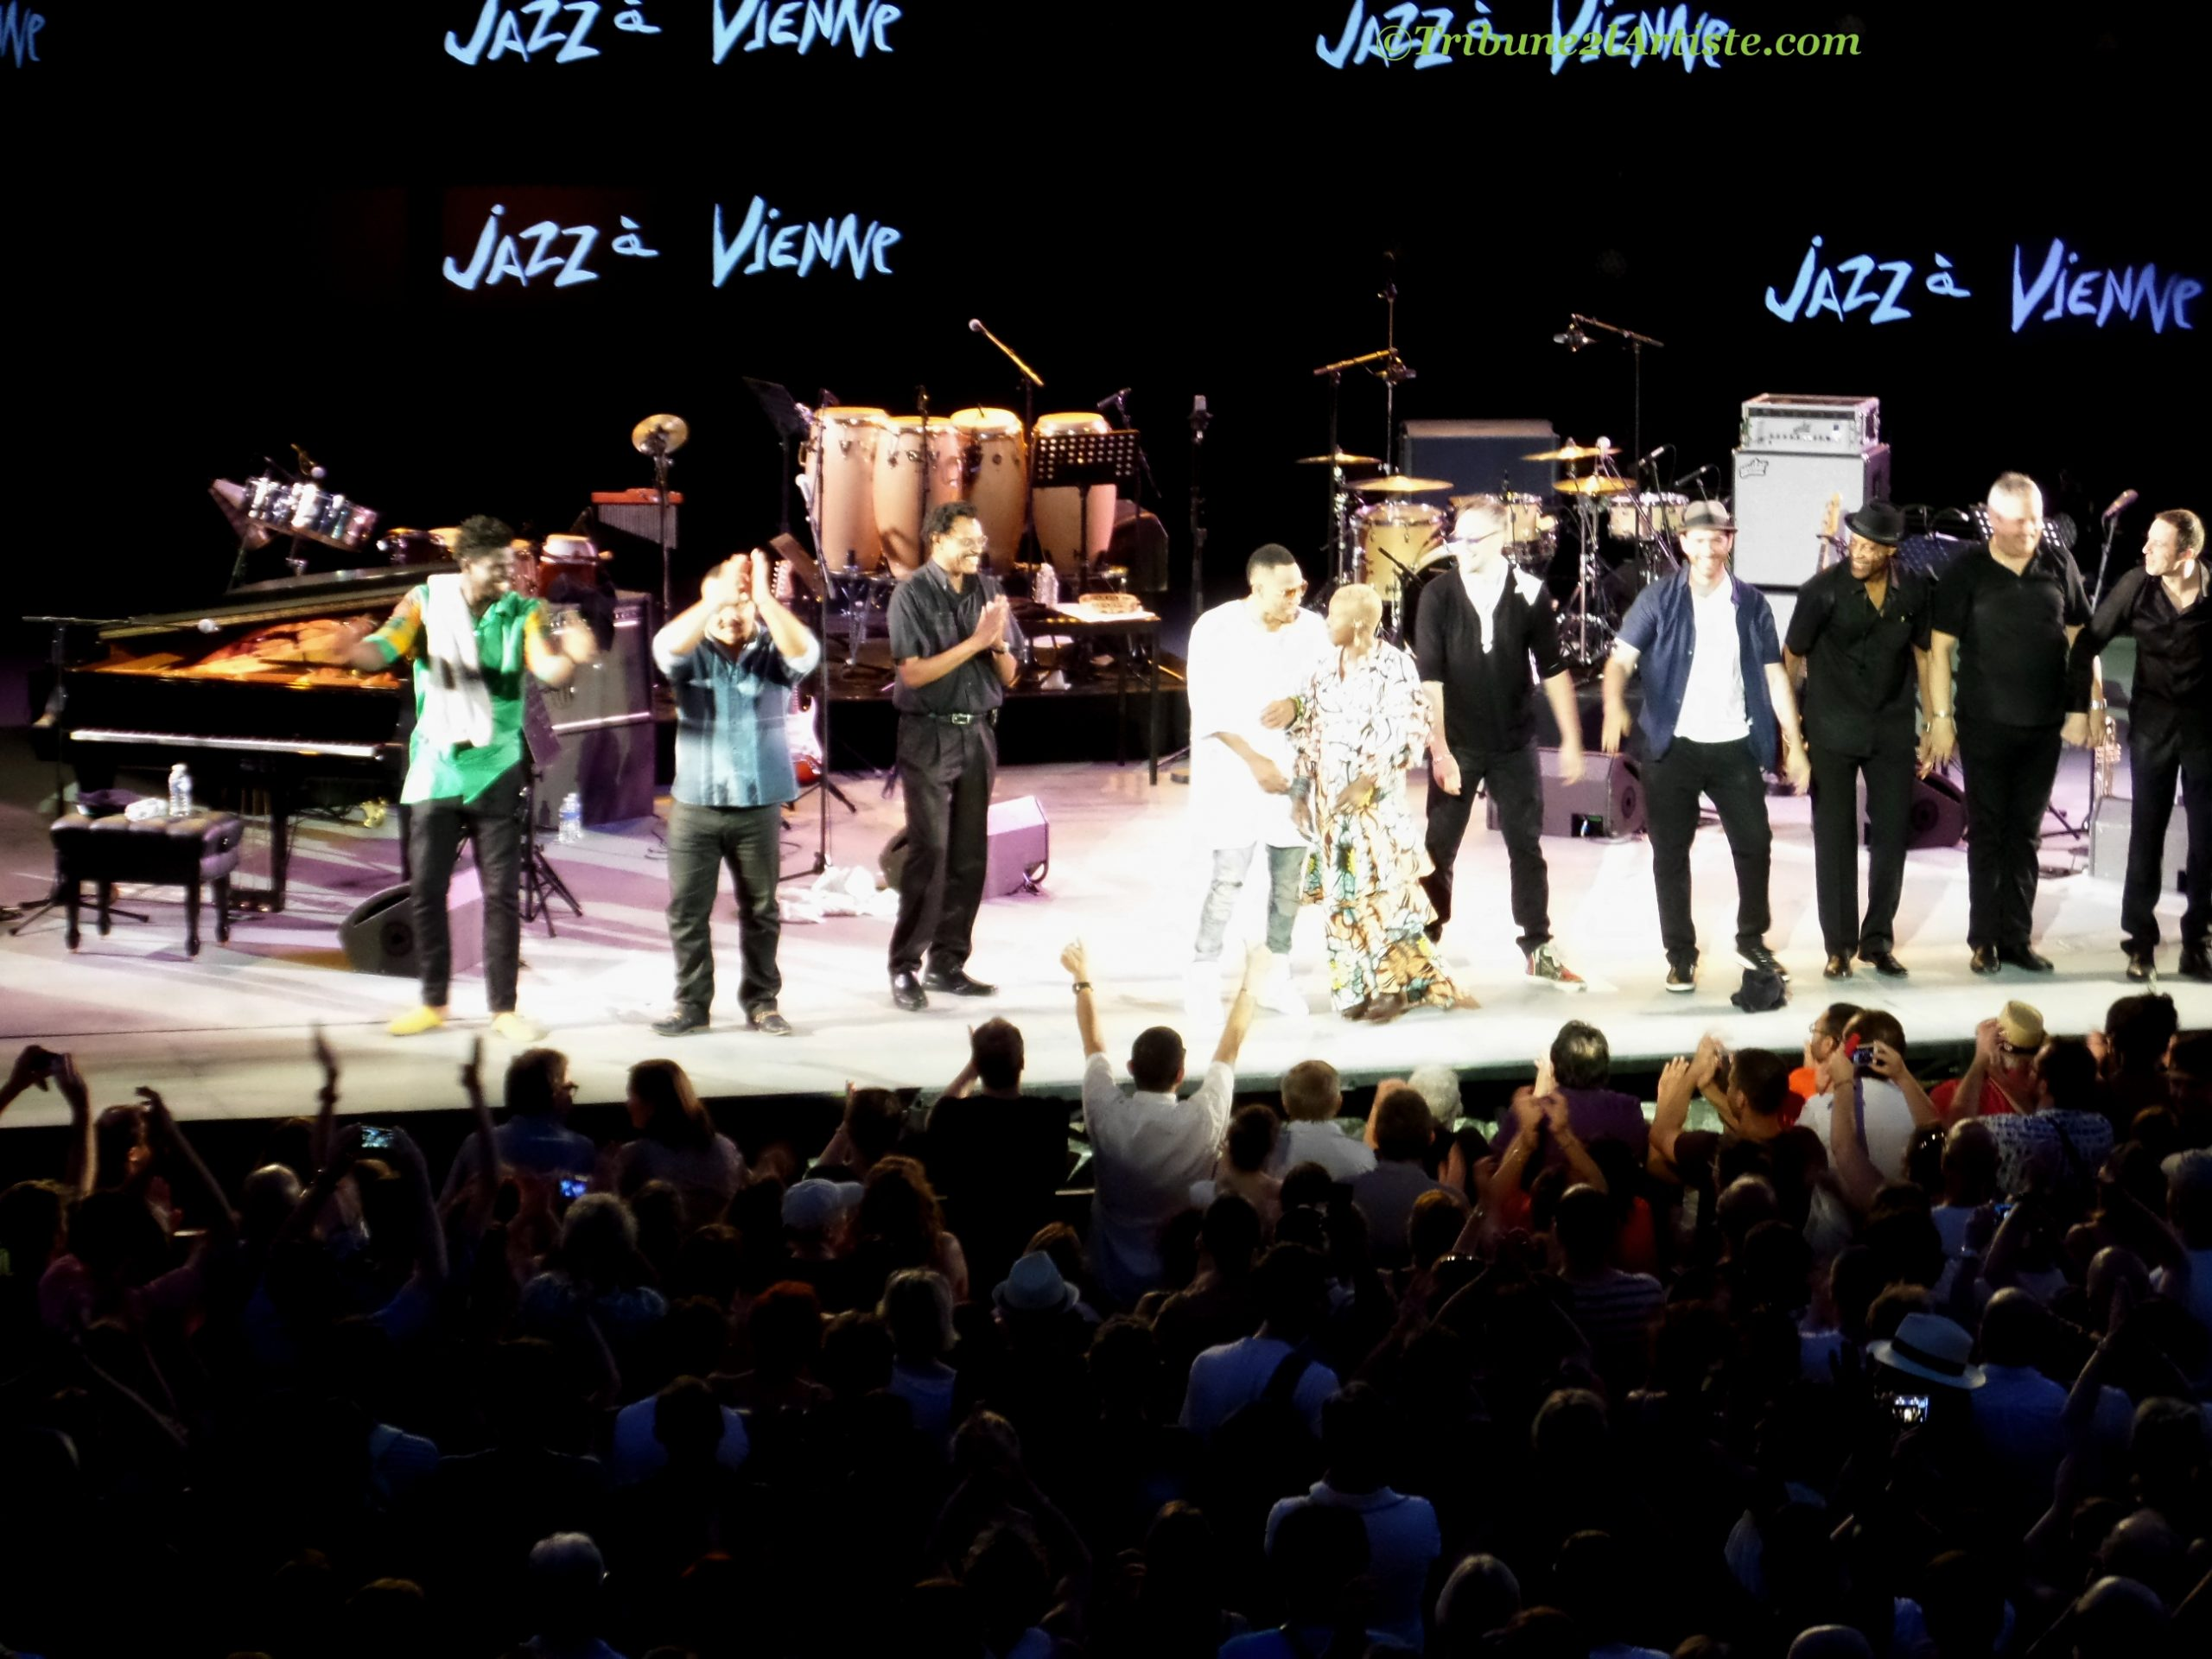 Jazz à Vienne était sous la coupe de trois énergies venues de 3 sources : Nature, Afrique et Cuba. Angélique Kidjo et Roberto Fonseca, la parfaite image qui montre l'origine africaine de la salsa en particulier et de la musique cubaine en général.